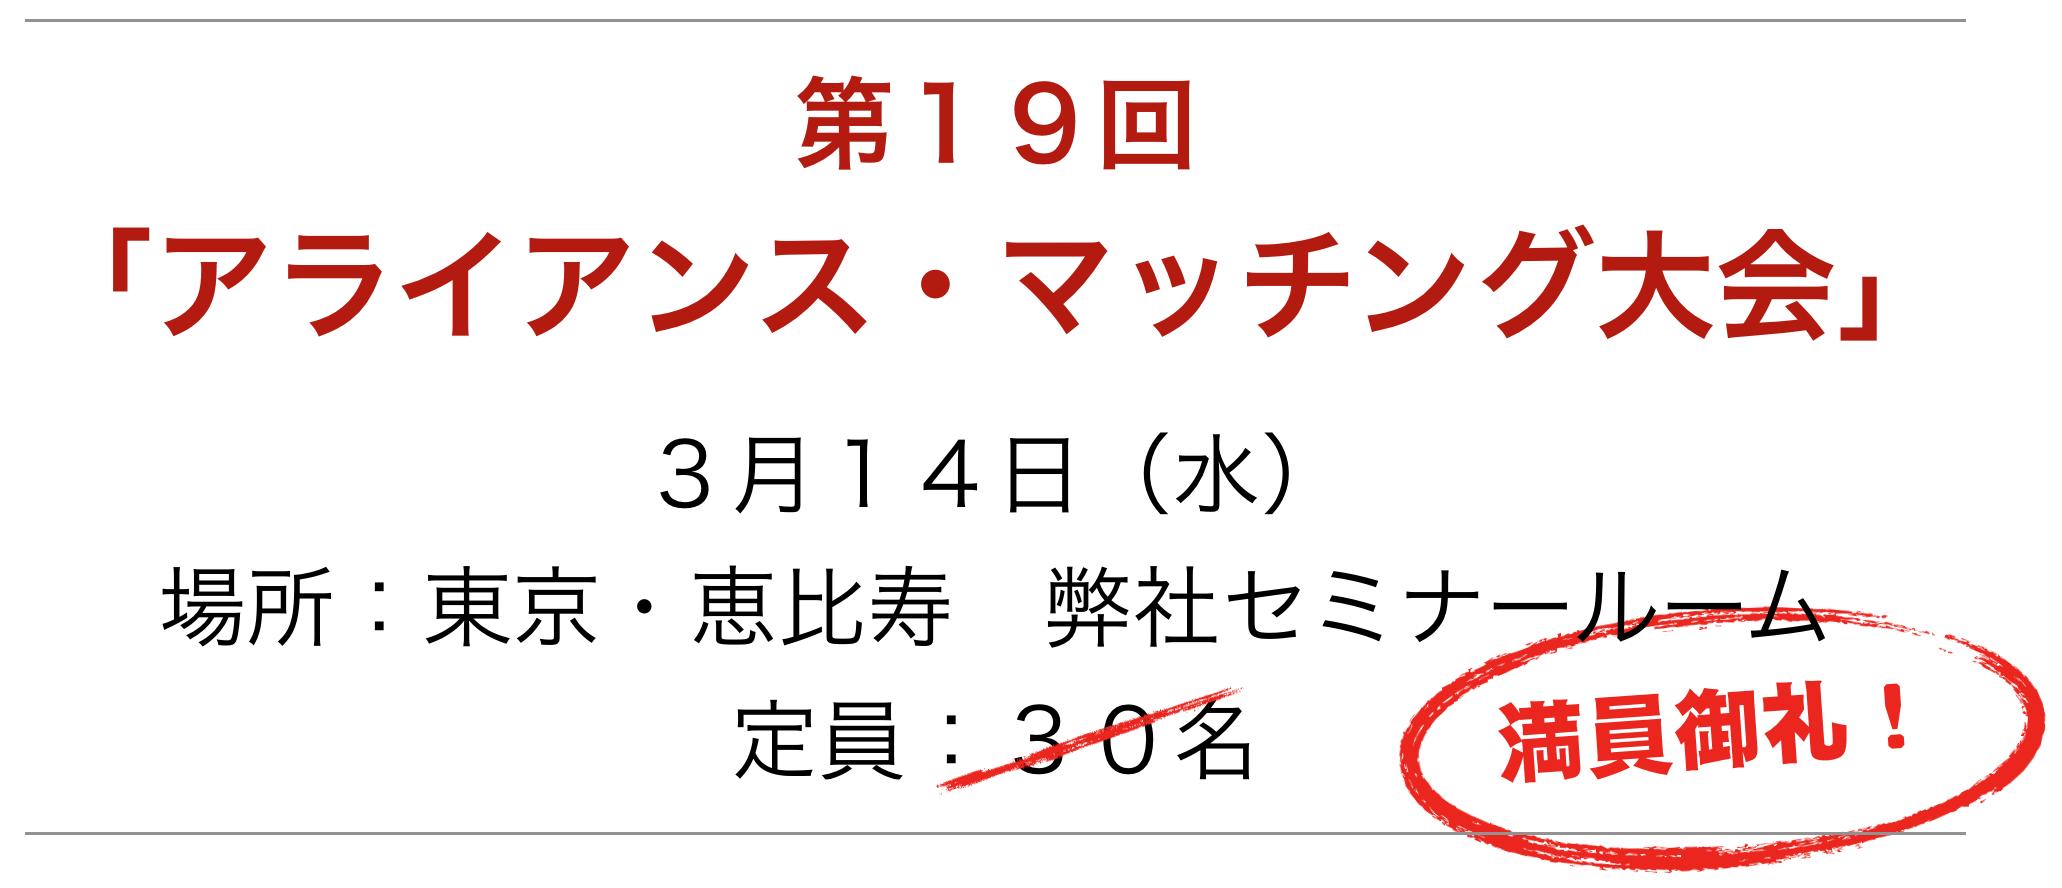 スクリーンショット 2018-02-20 15.37.03